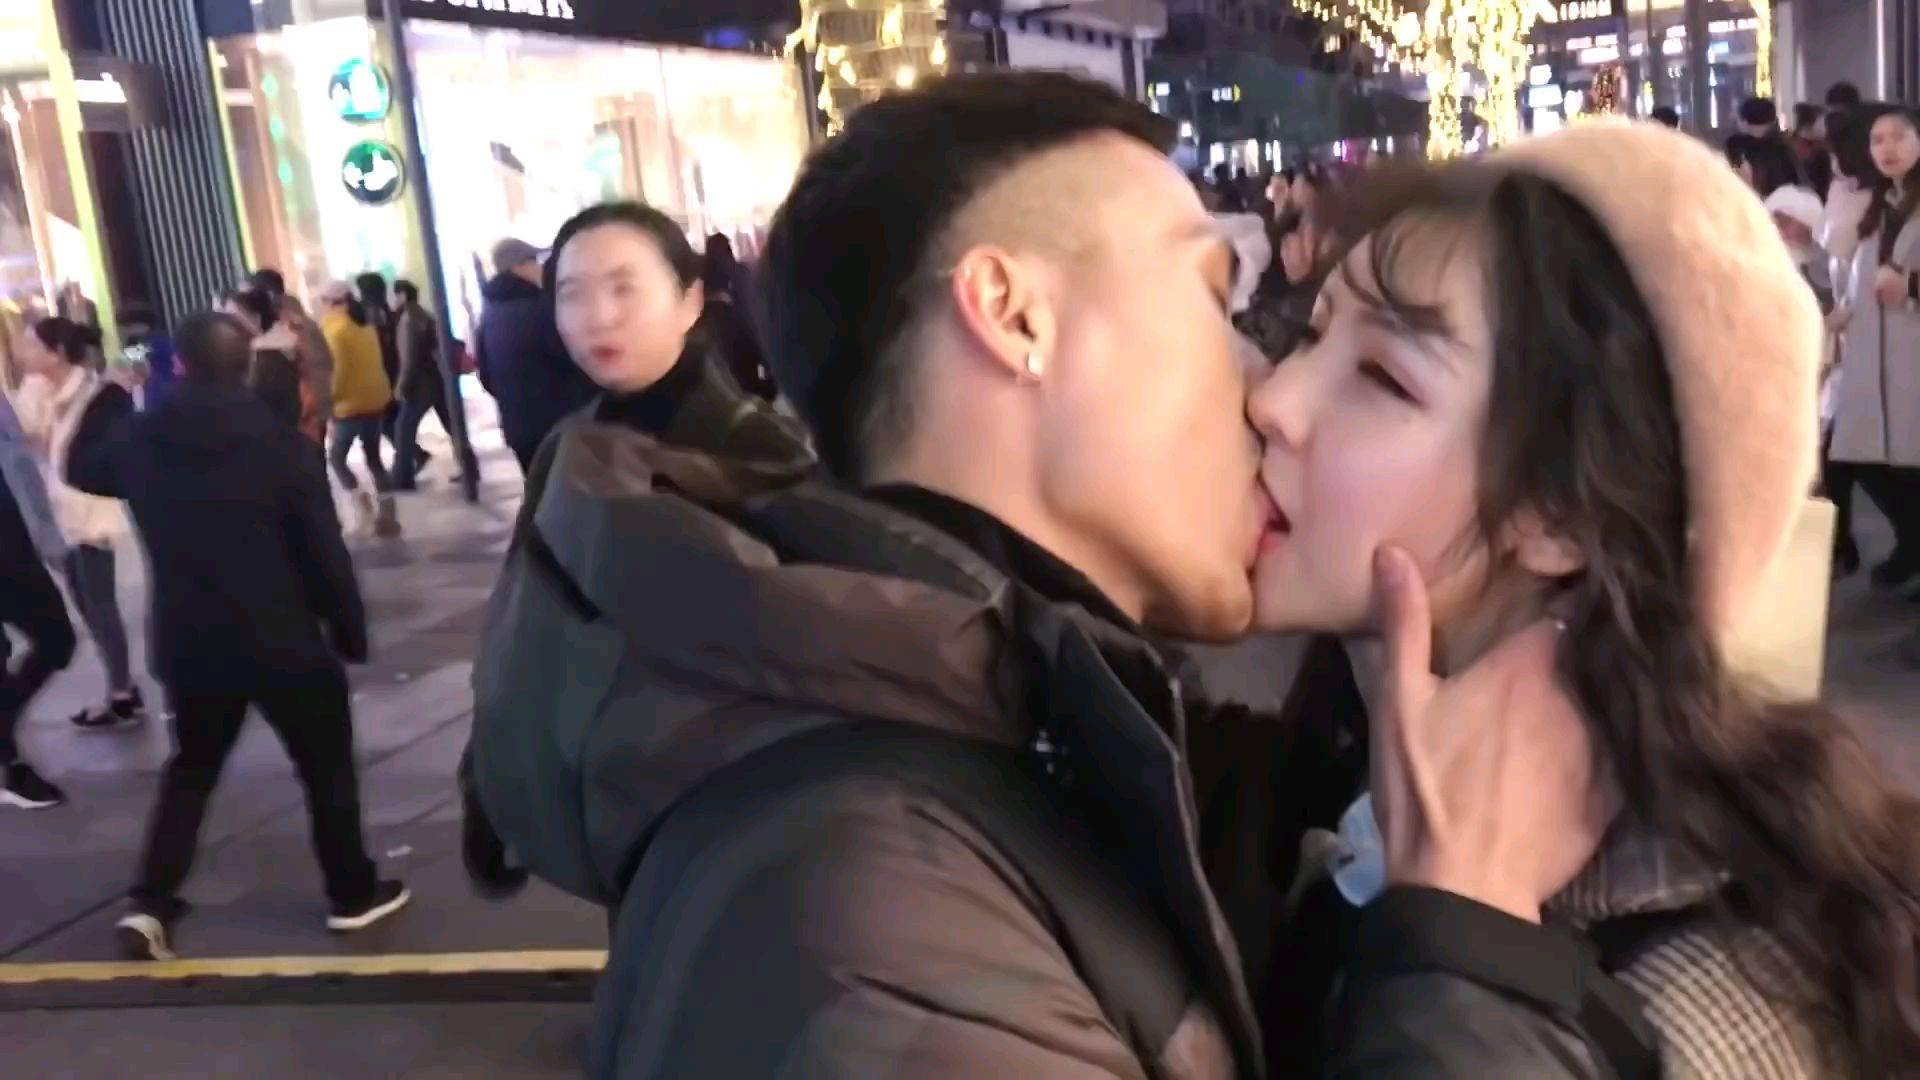 【幸福制造机】维持异地恋的独家秘密,型男美女舌吻大放闪!